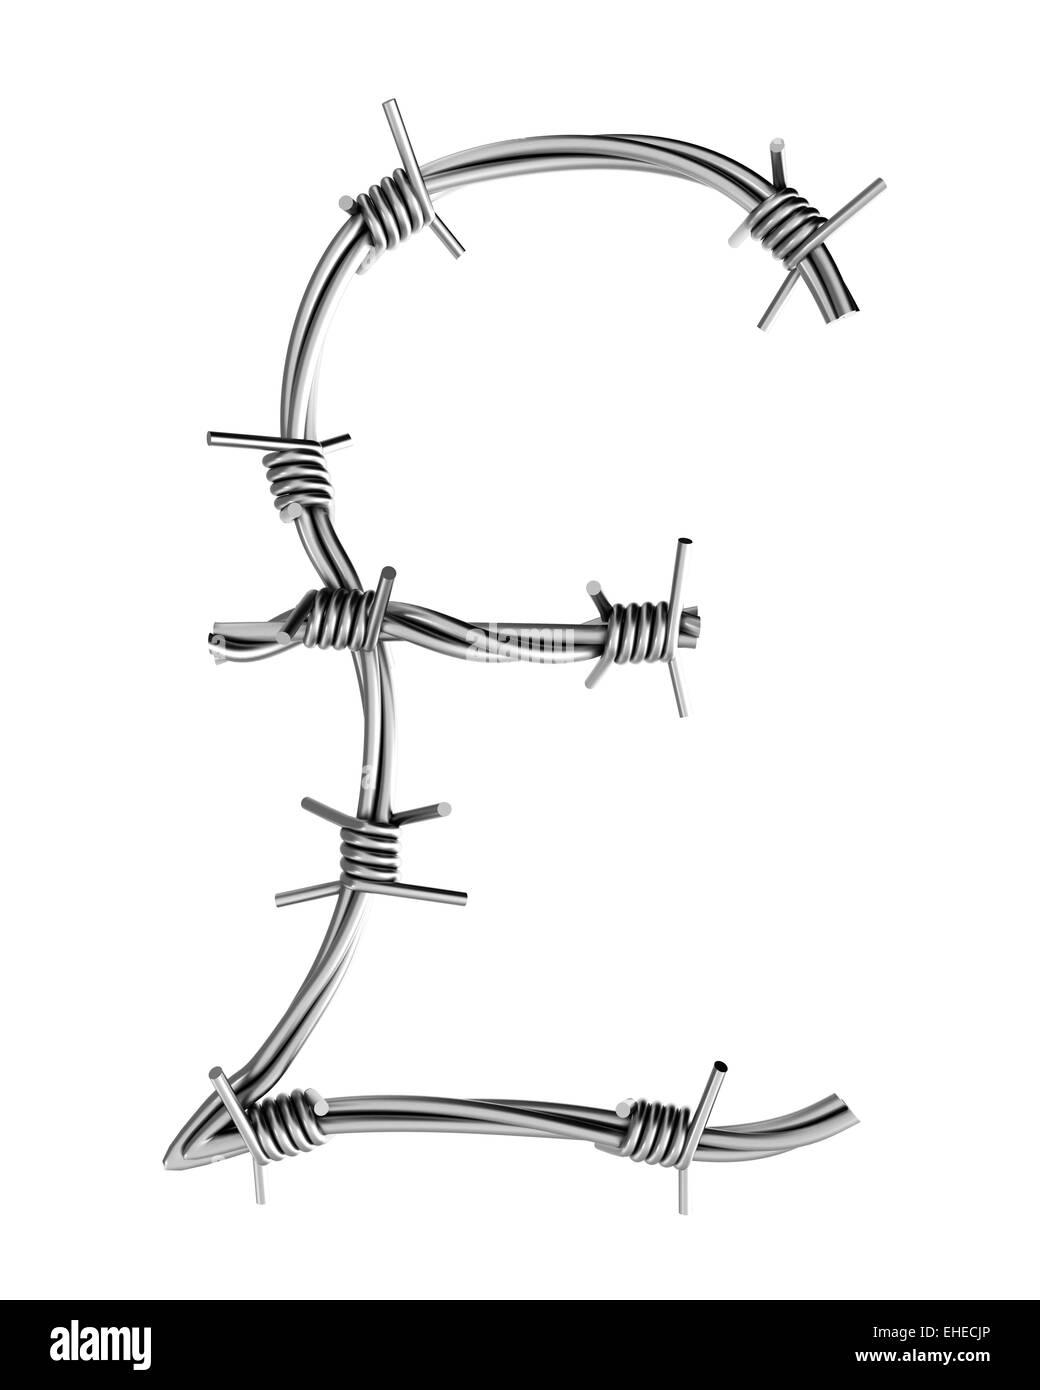 Barbed wire alphabet, pound symbol Stock Photo: 79607886 - Alamy